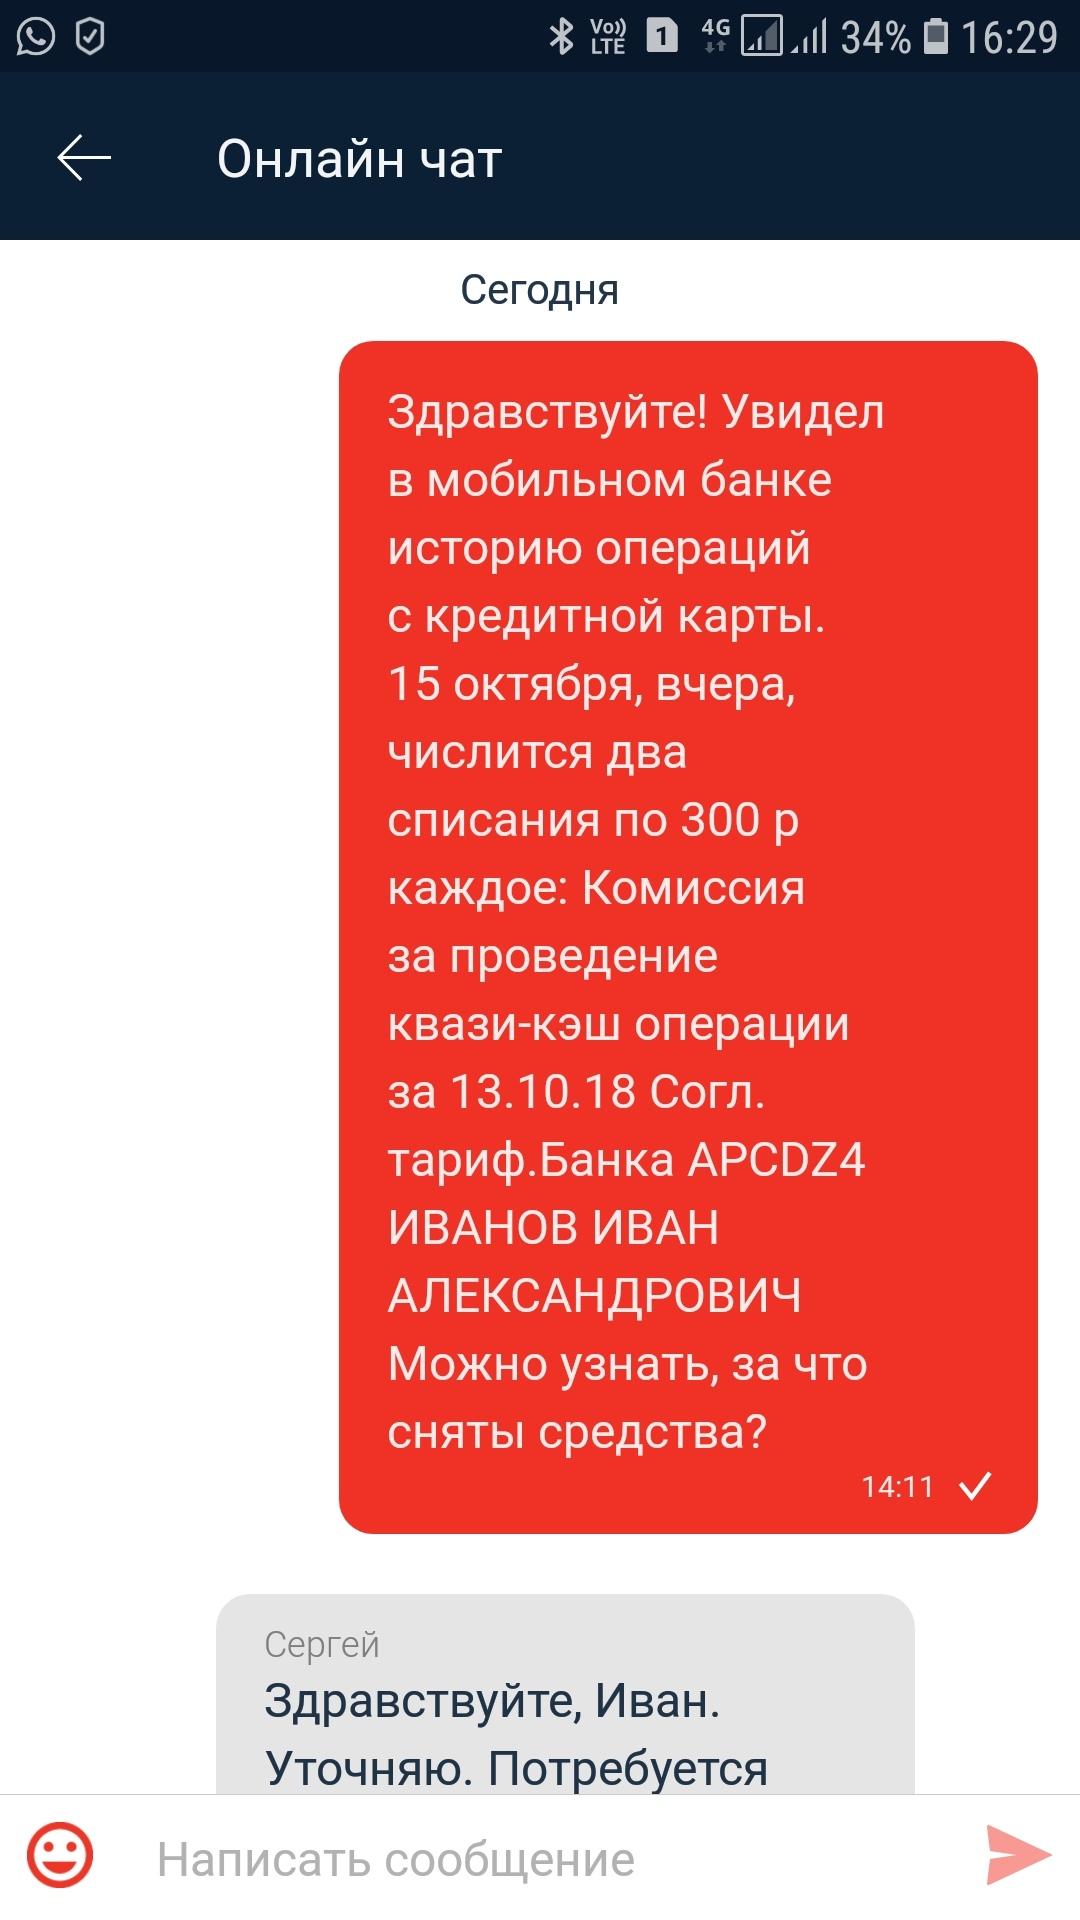 c02659cac7433 Отзывы о Альфа-Банке, мнения пользователей и клиентов банка | Банки.ру